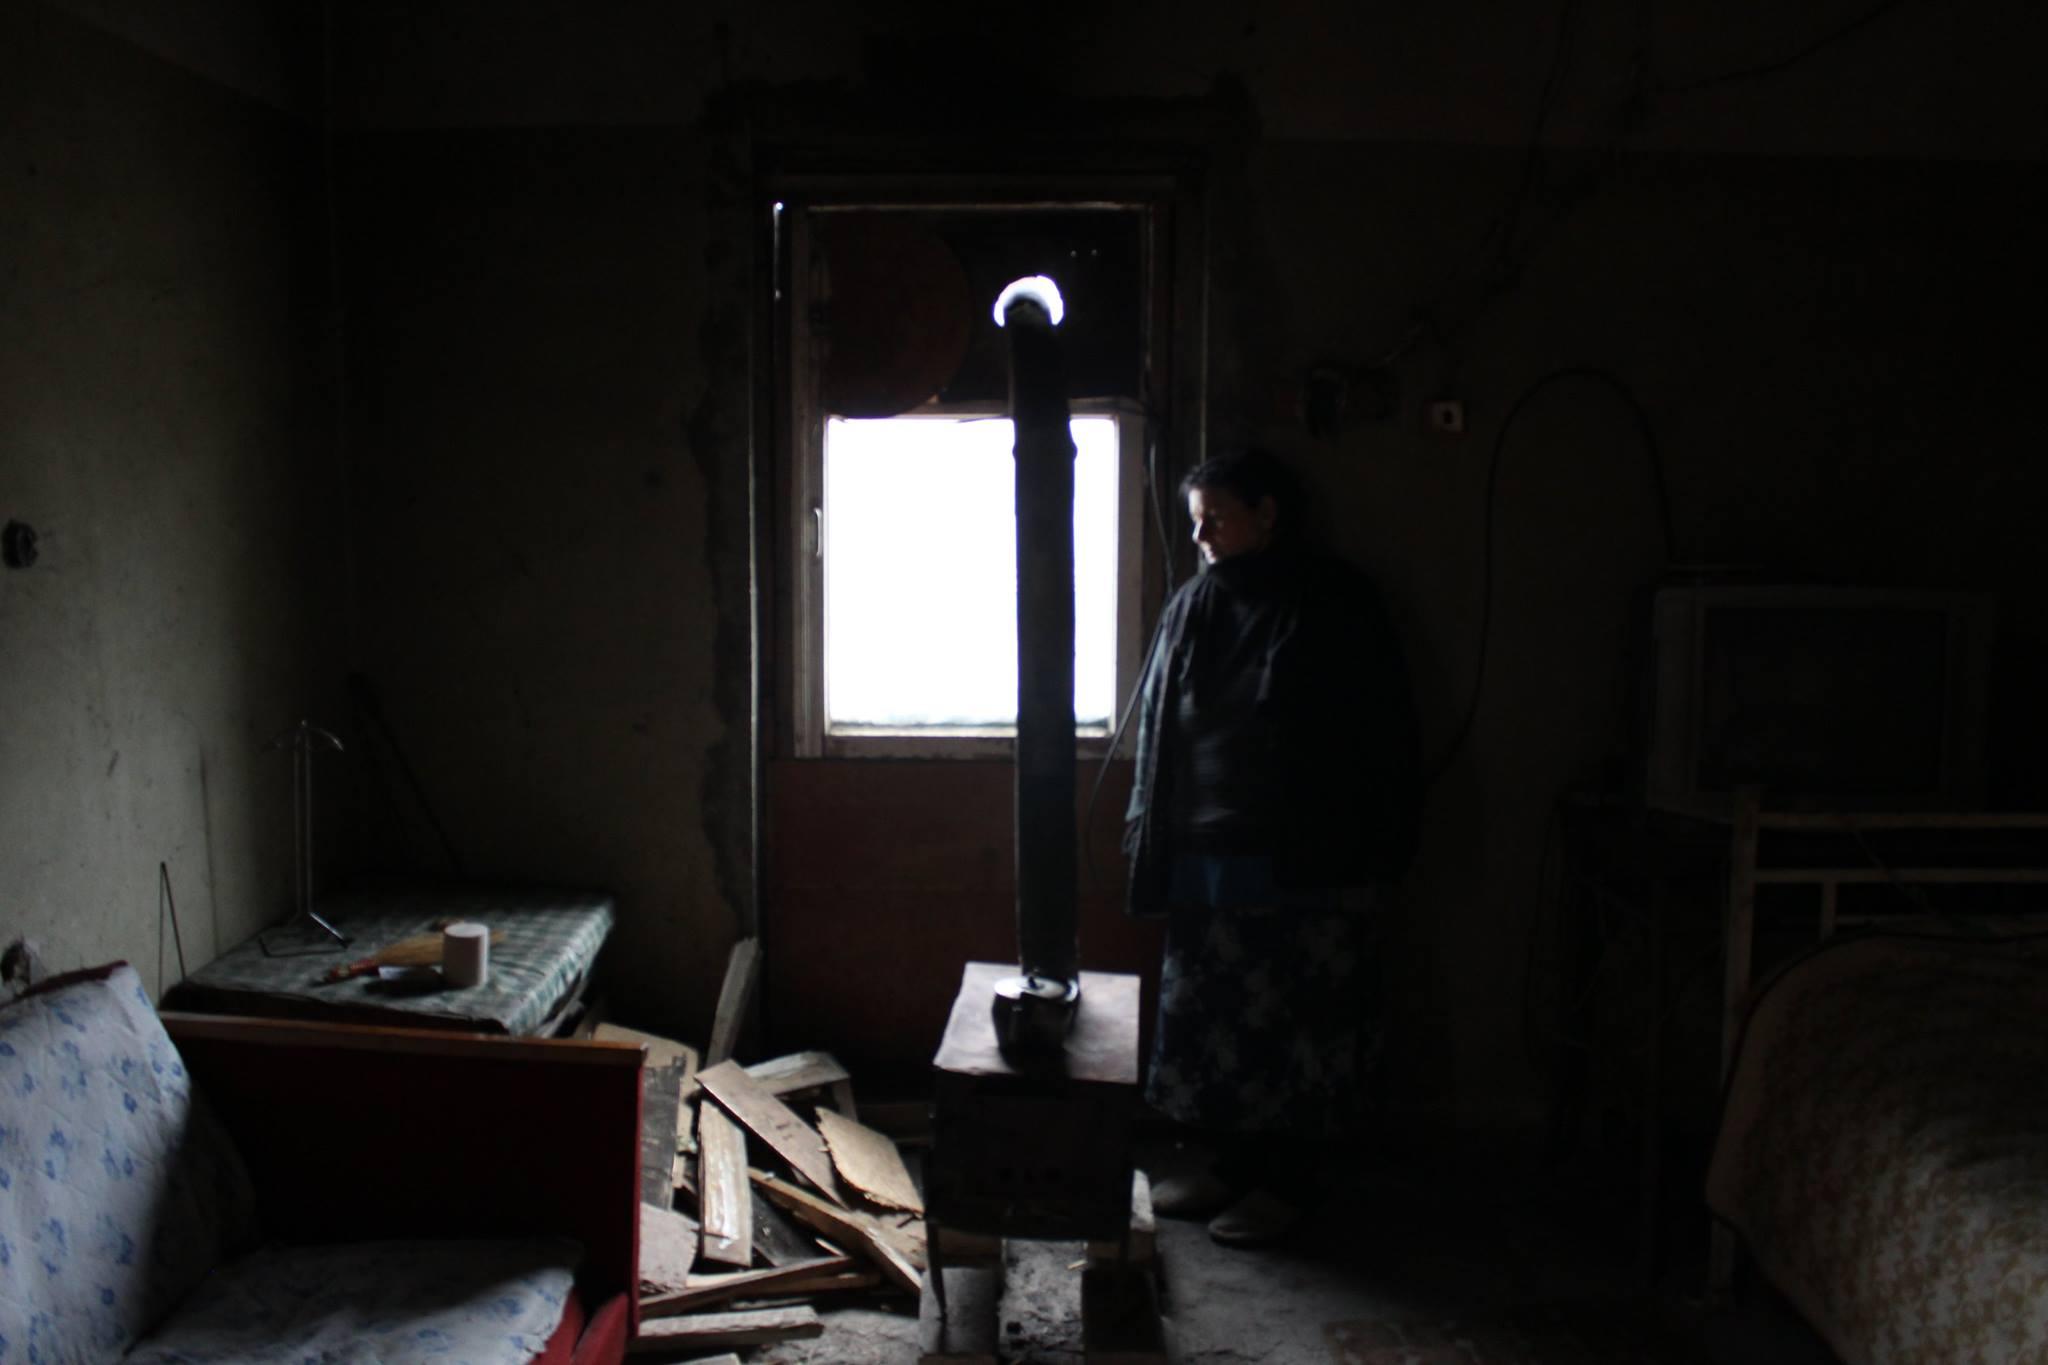 ლენტუშა თეგეტაშვილი ბინაში, რომლის დაკანონებასაც მრავალი წელია უშედეგოდ ცდილობს. ფოტო: გიორგი დიასამიძე/ნეტგაზეთი